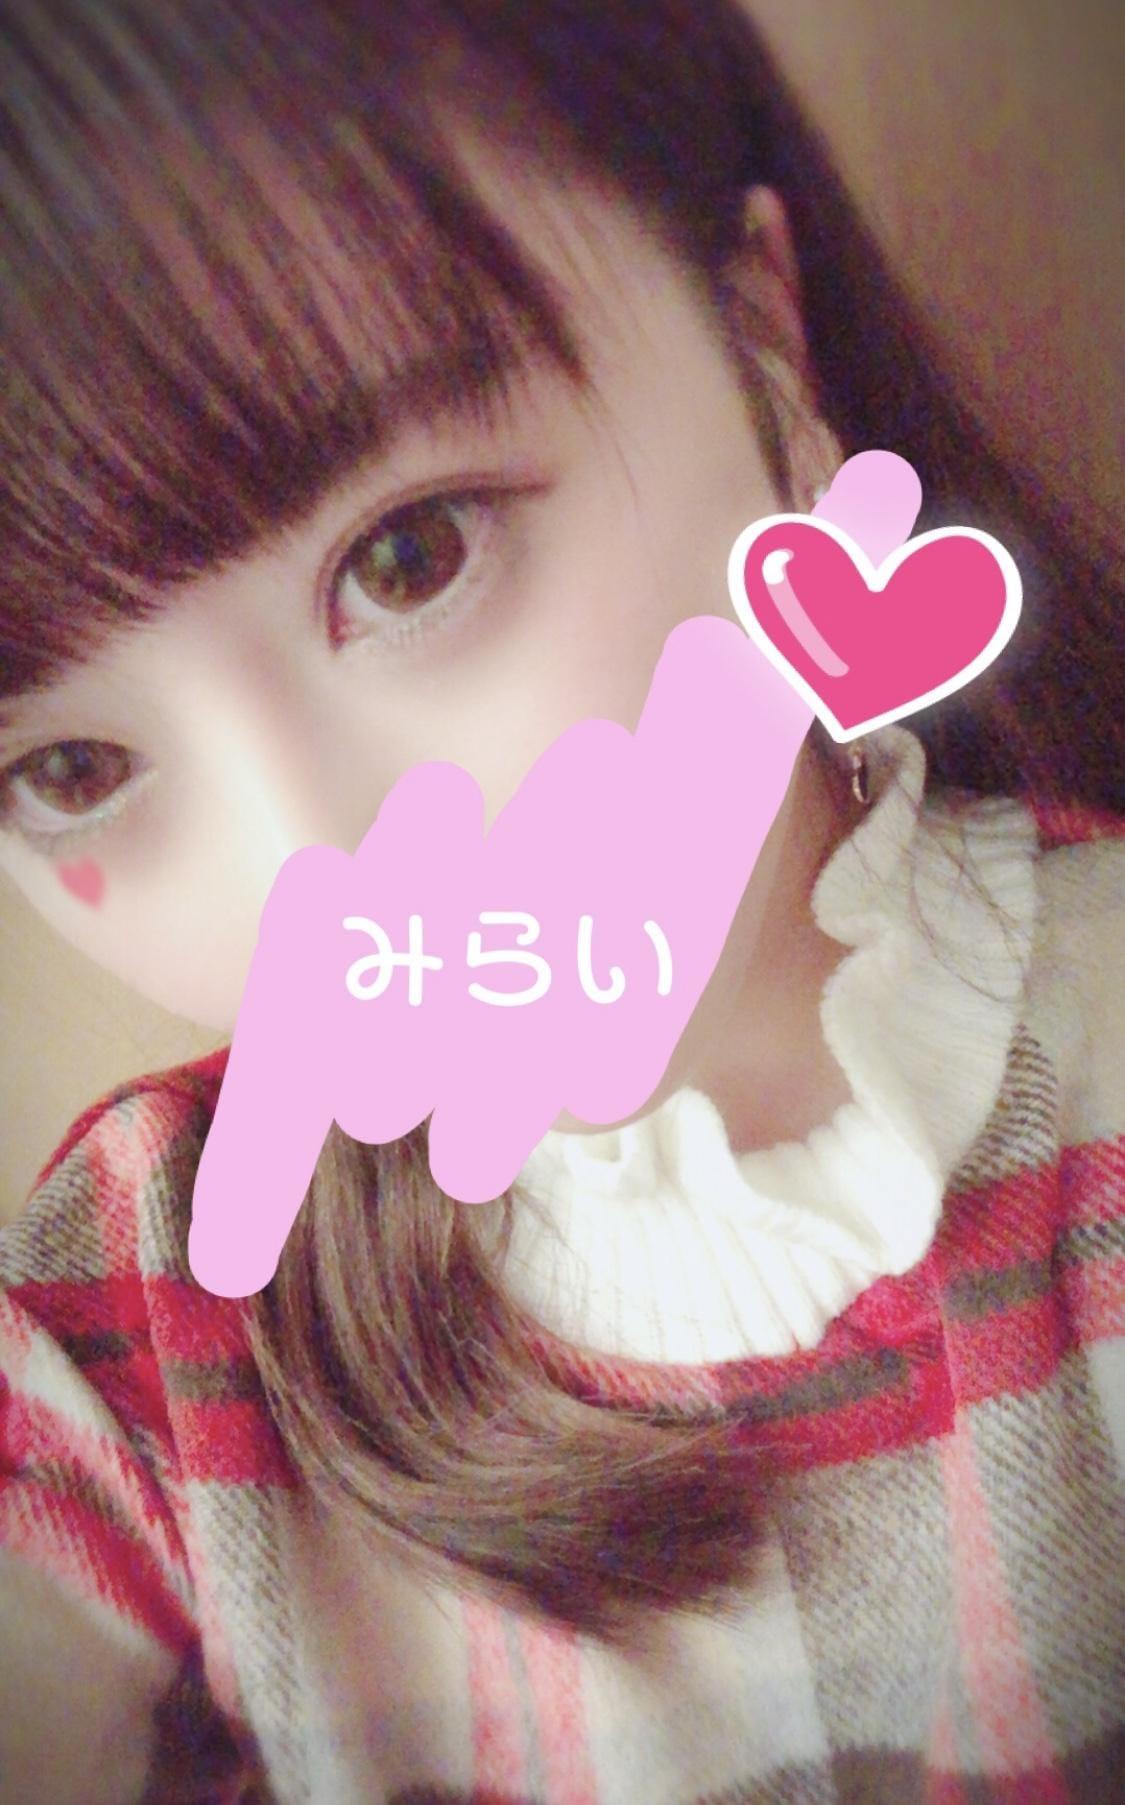 「全員予約完売ありがとう?」11/12(11/12) 11:33 | みらいの写メ・風俗動画